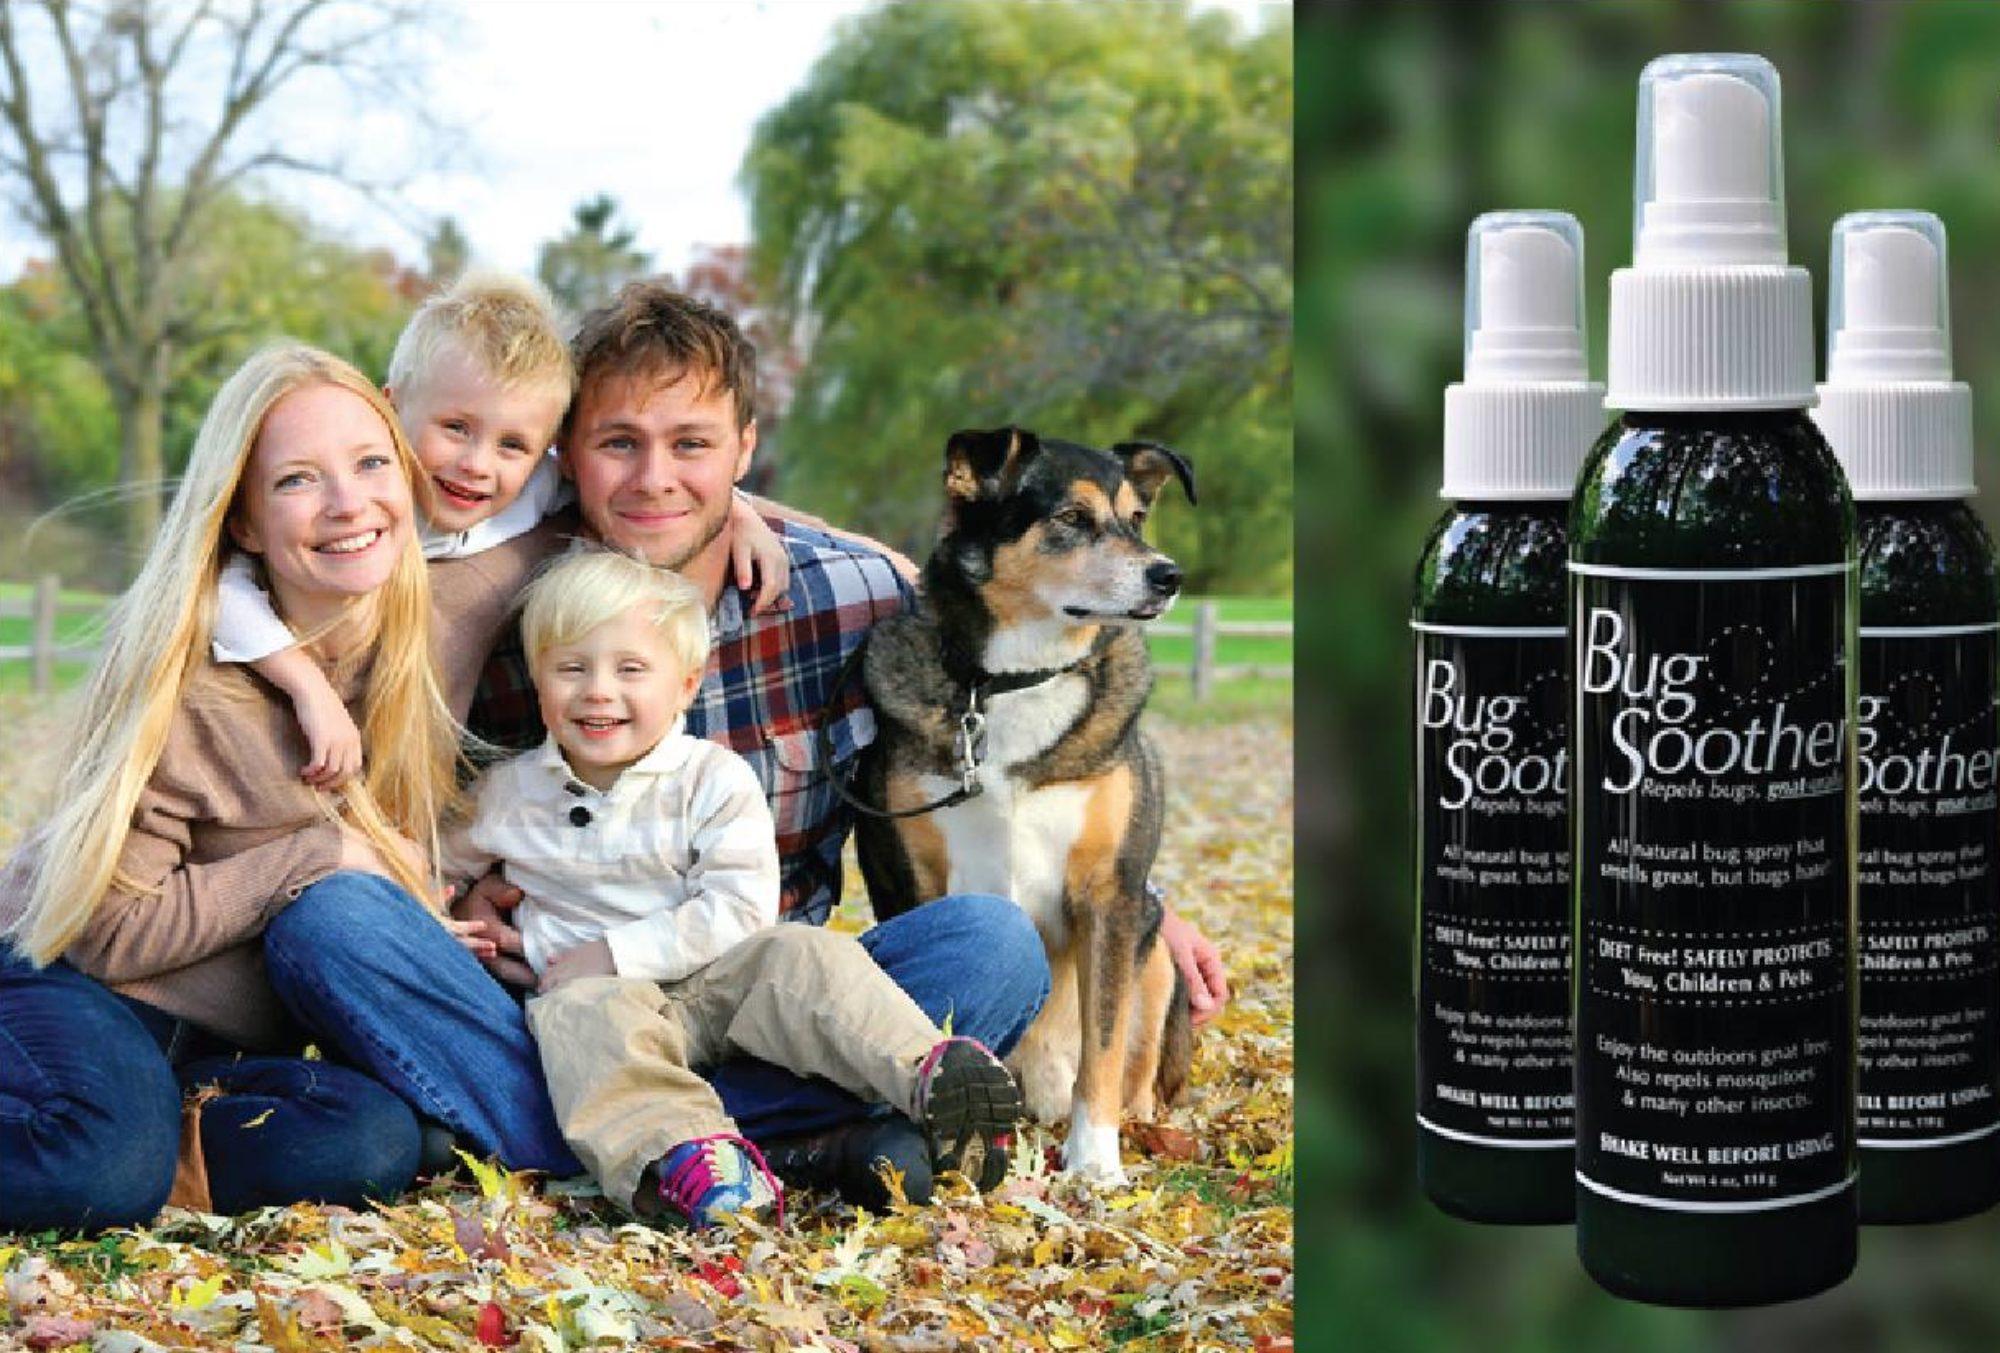 BugSoother - 100% přírodní repelent bez chemie